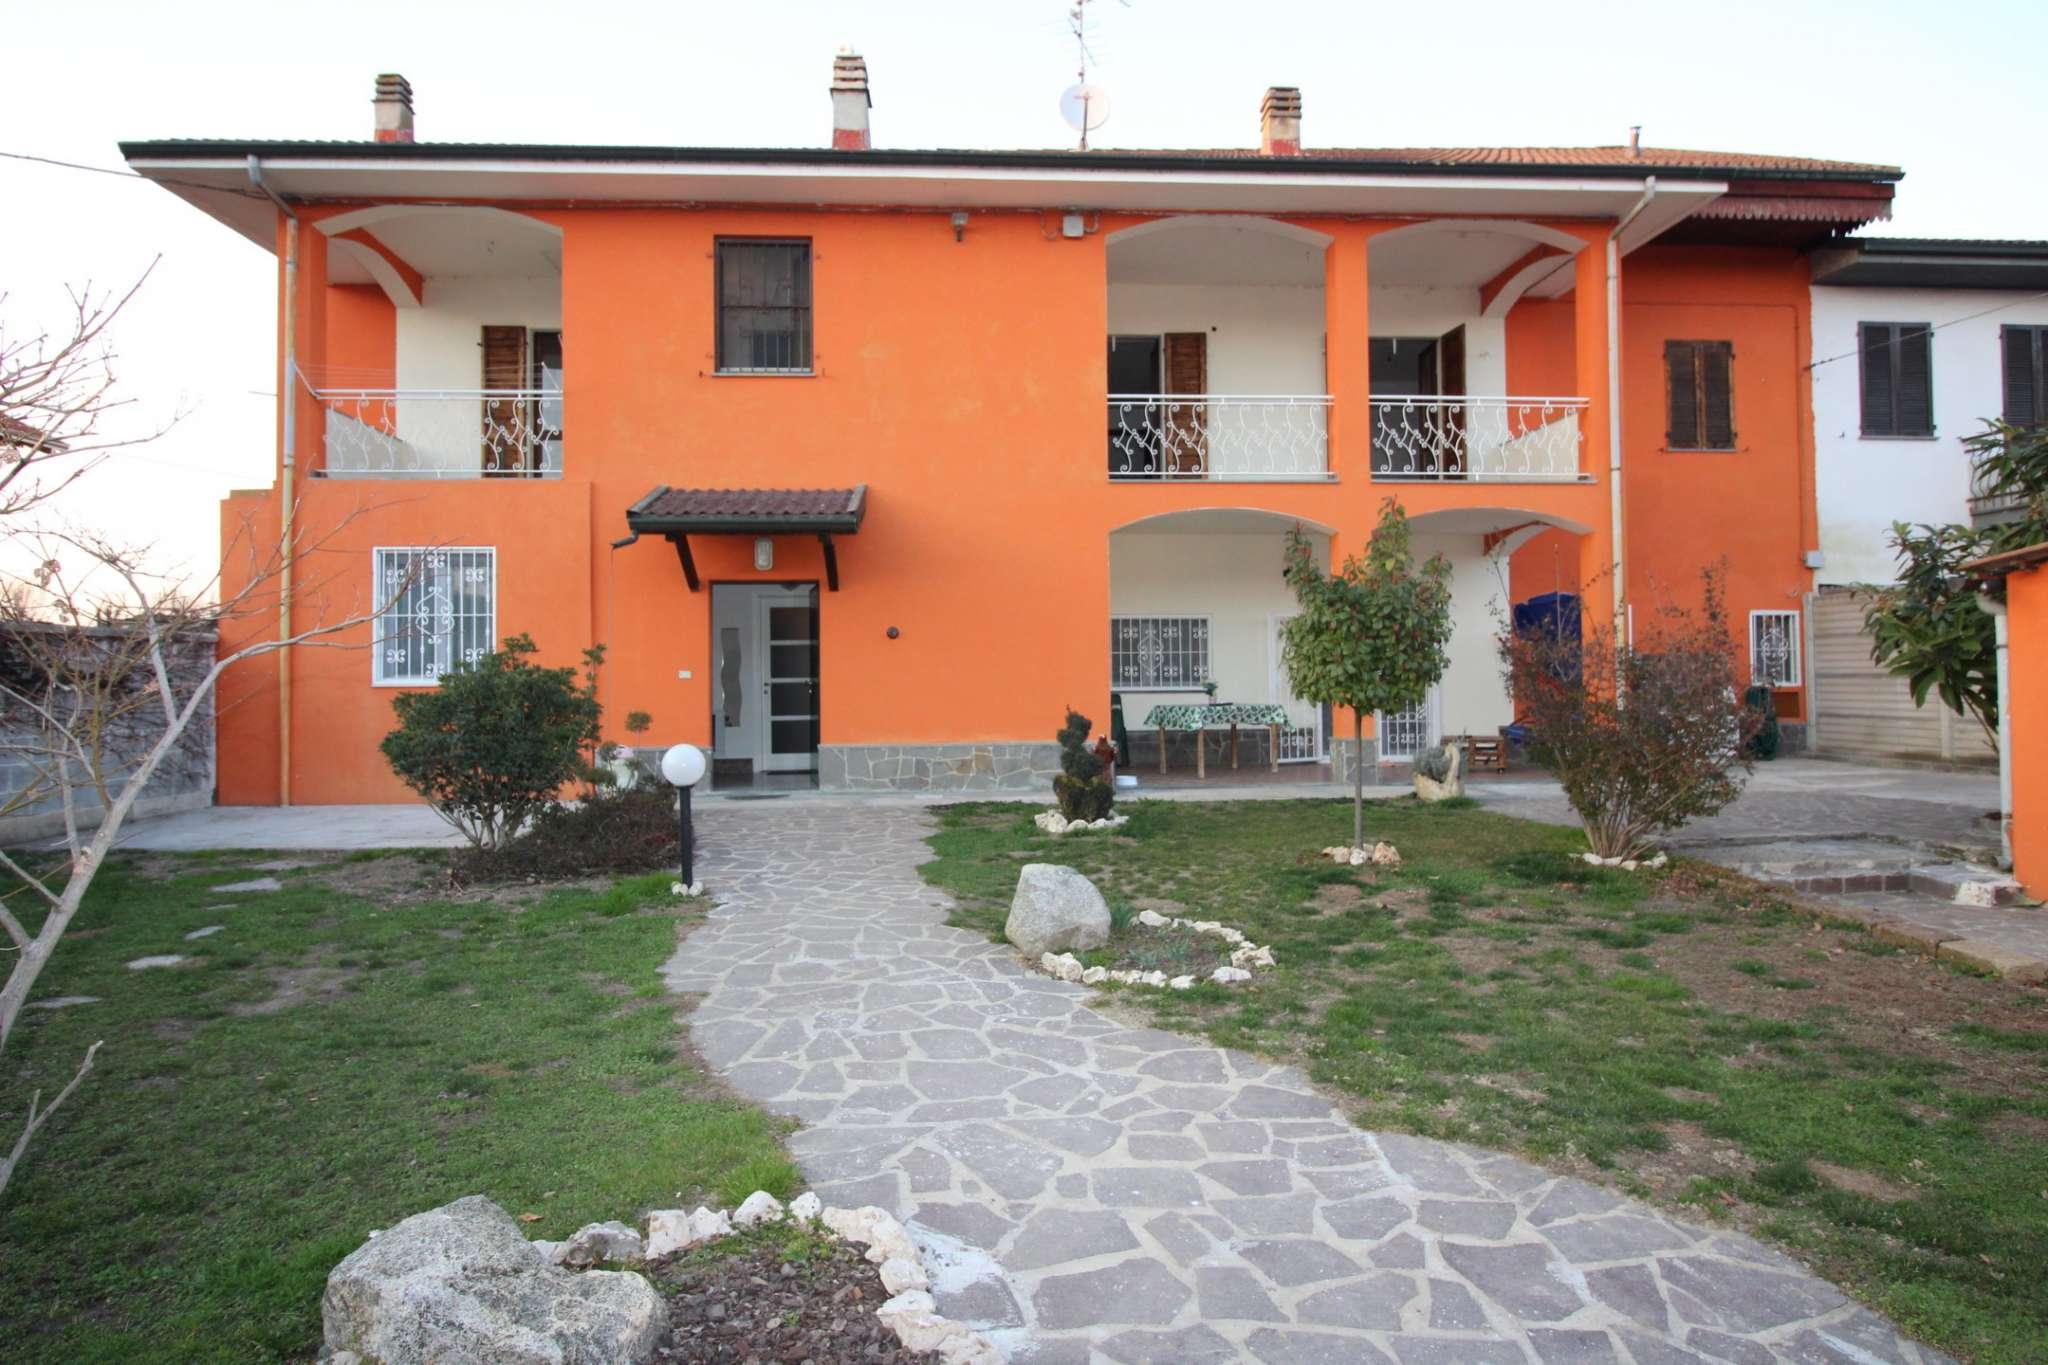 Villa Bifamiliare in vendita a Prarolo, 6 locali, prezzo € 250.000 | PortaleAgenzieImmobiliari.it